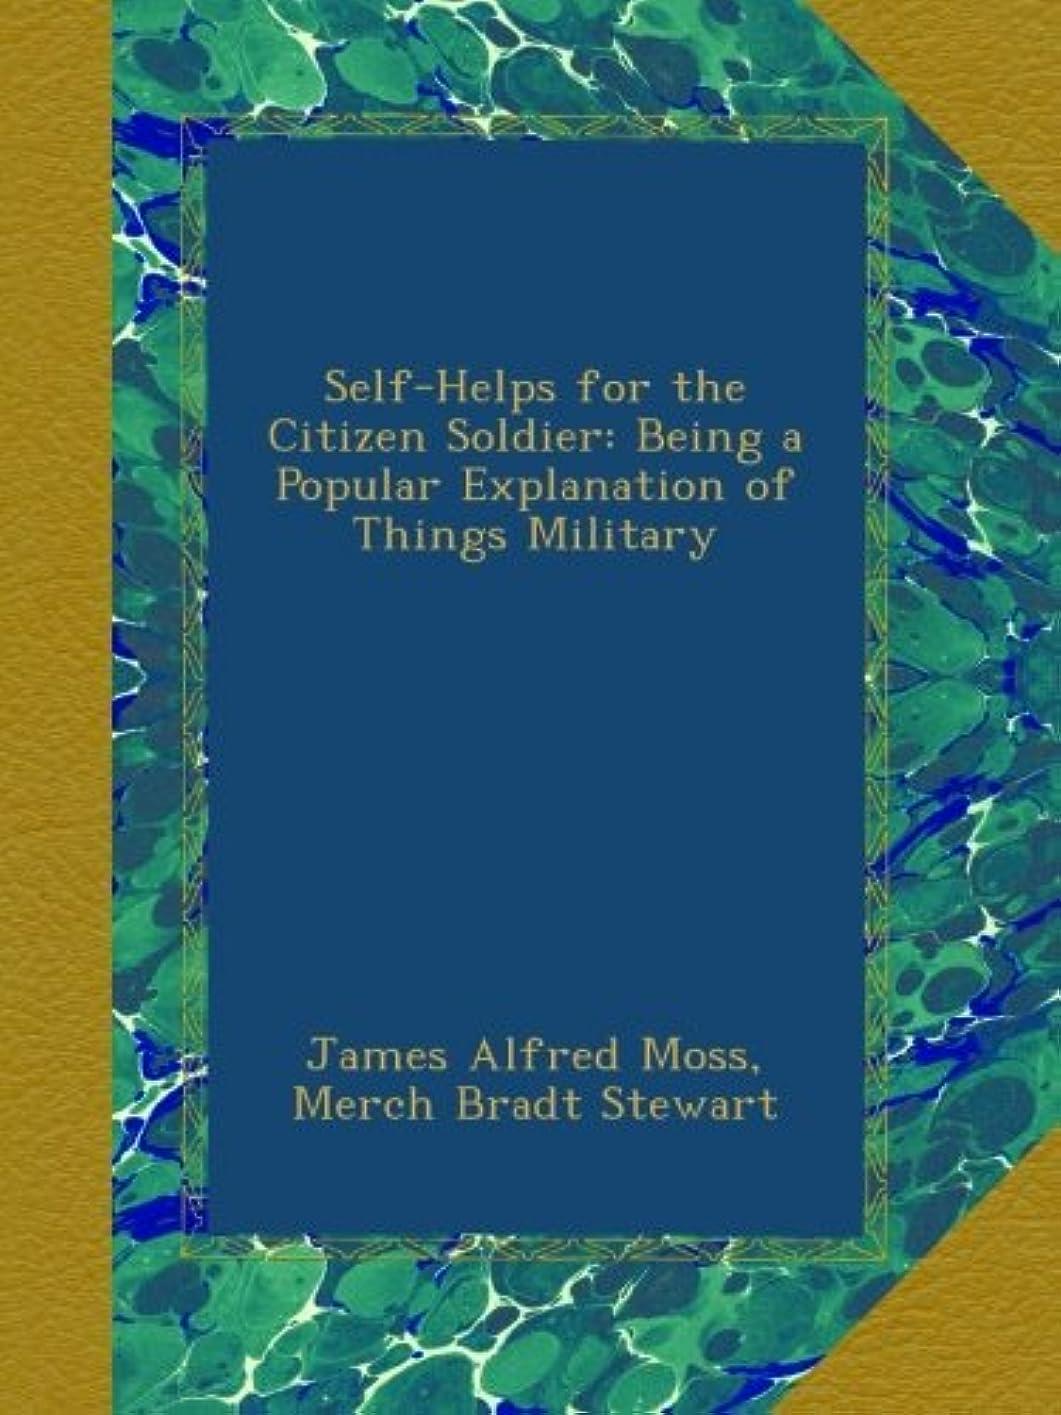 同性愛者民間突撃Self-Helps for the Citizen Soldier: Being a Popular Explanation of Things Military